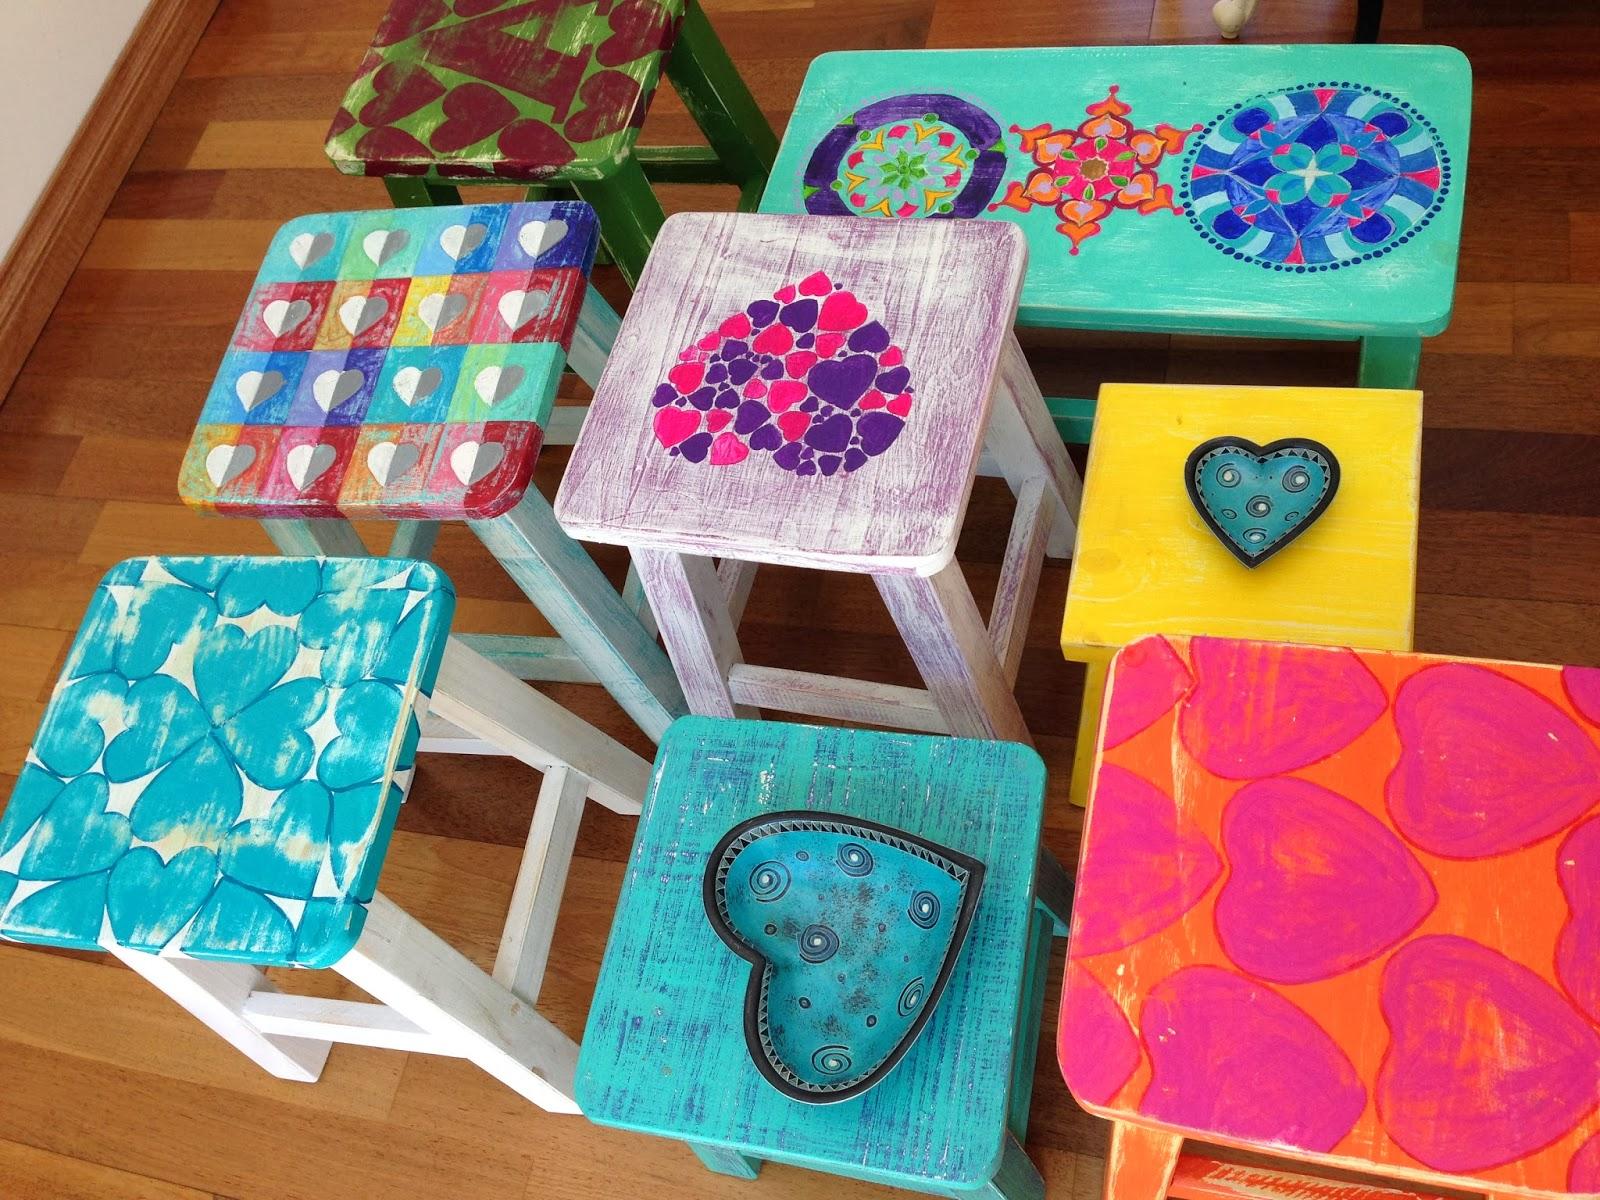 Vintouch muebles reciclados pintados a mano bancos - Armarios pintados a mano ...